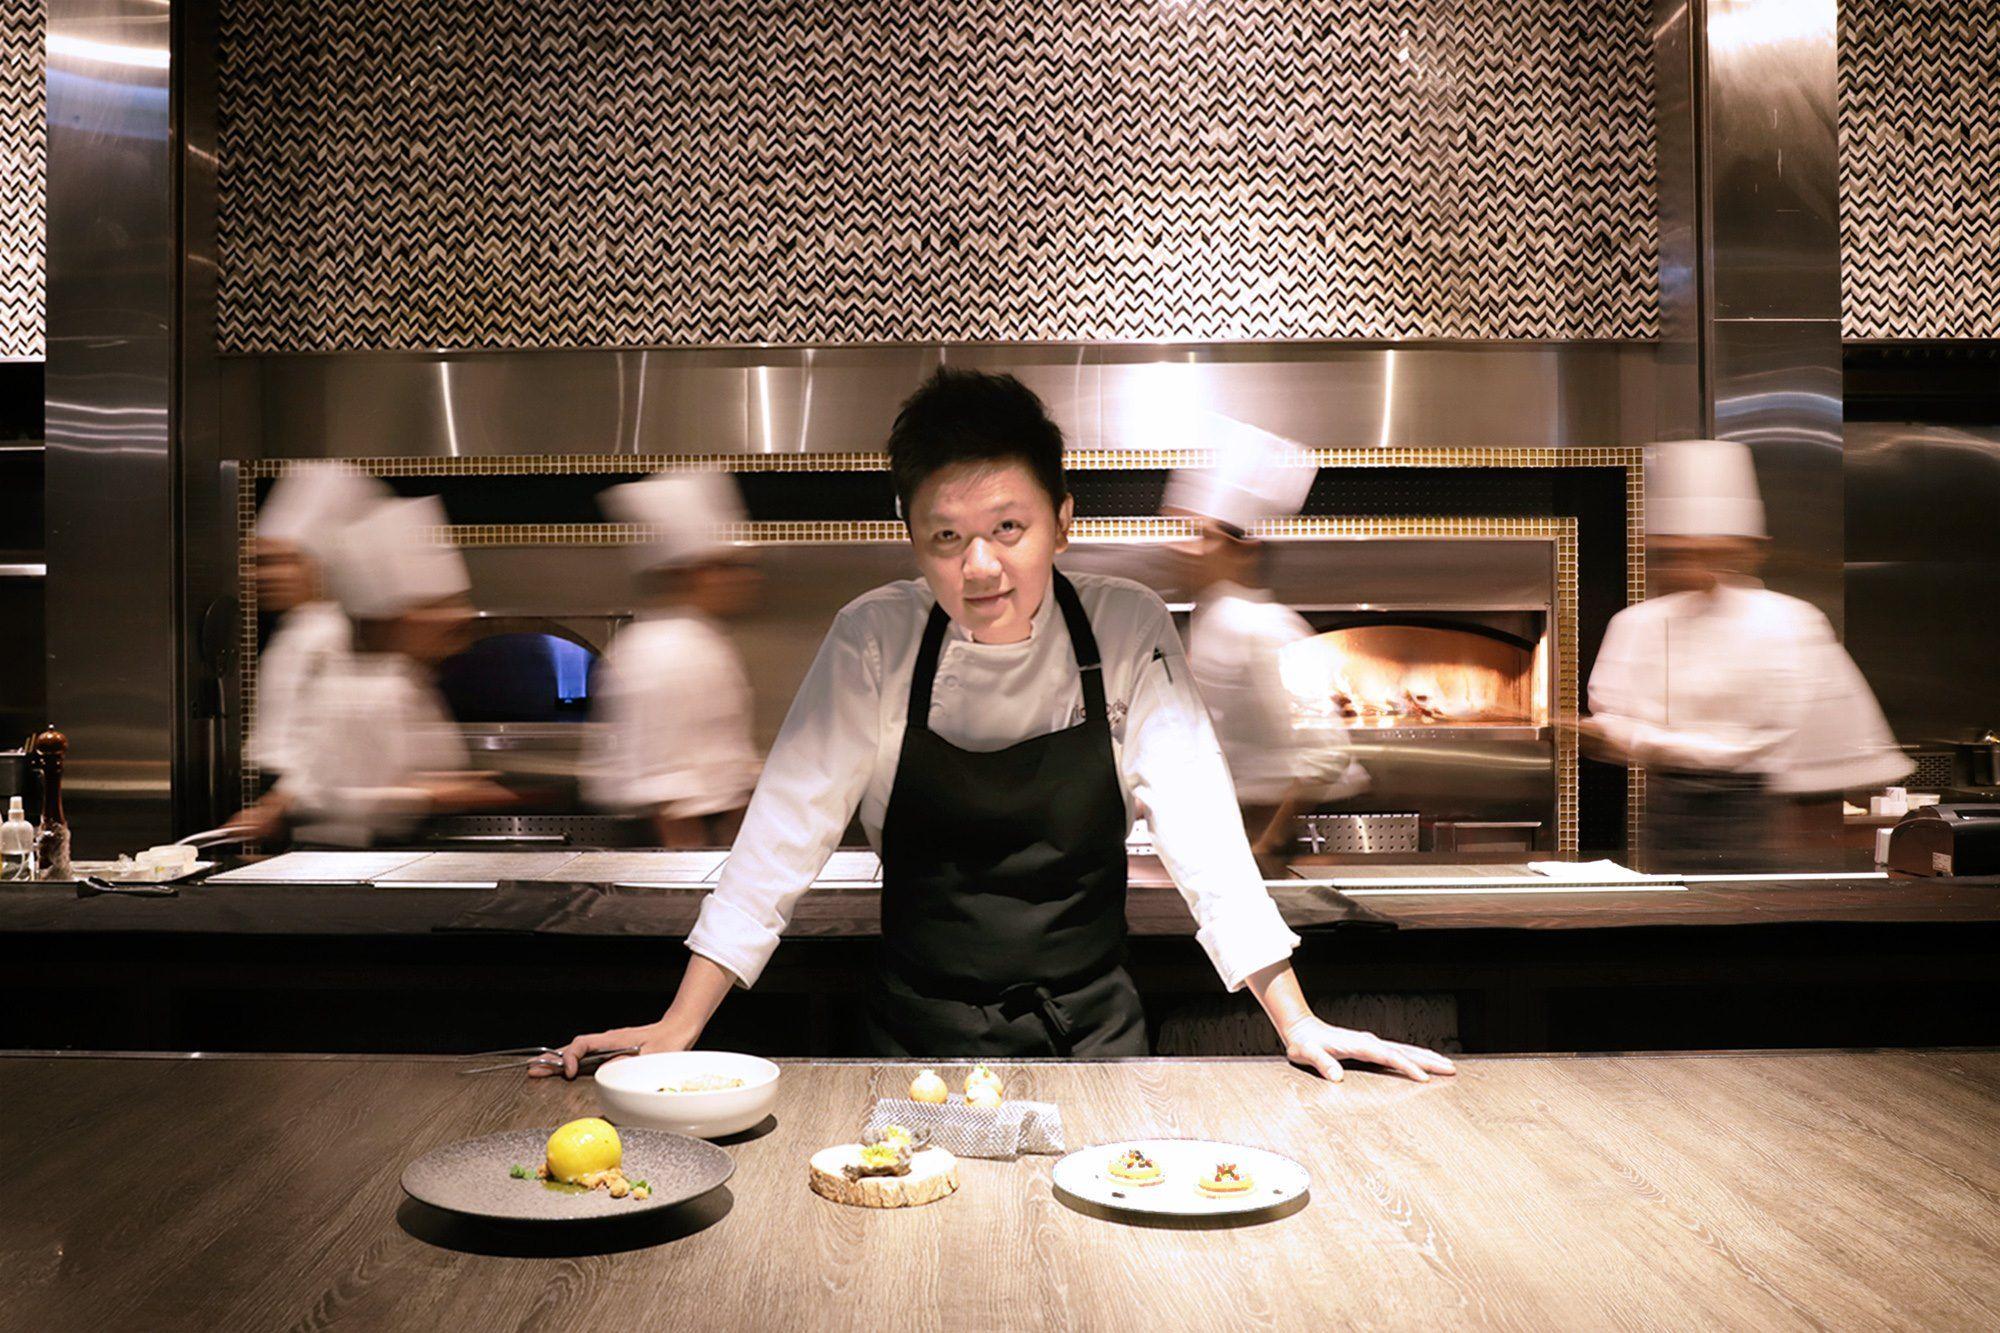 台北兩大新銳主廚聯手刺激人氣!N°168 PRIME Sogo 敦化 X  FirePlay Taipei「火味」餐會限時舉辦